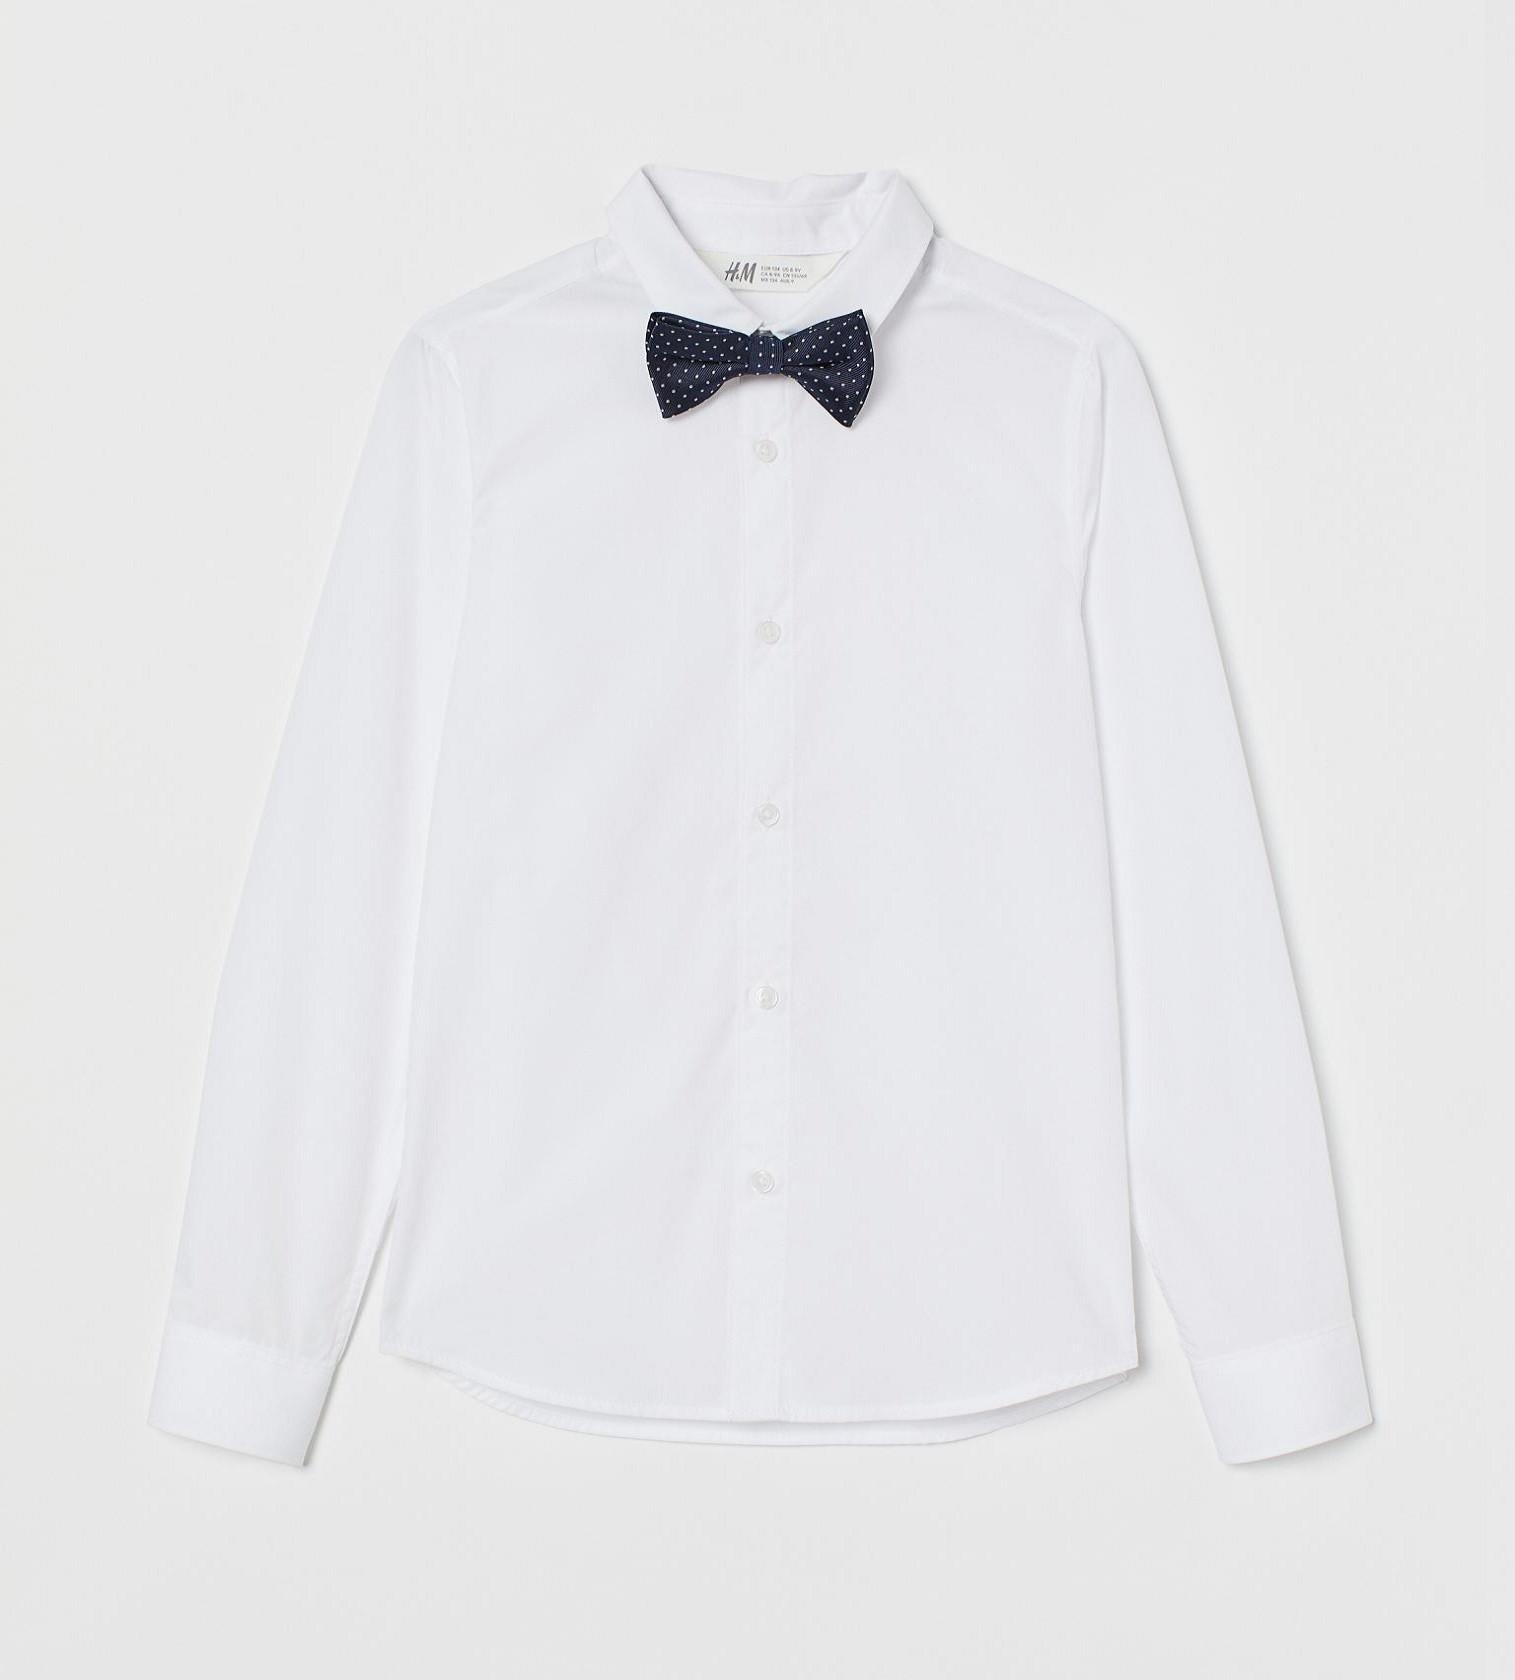 Купити Сорочка з метеликом H&M Біла/метелик в горшек - фото 1